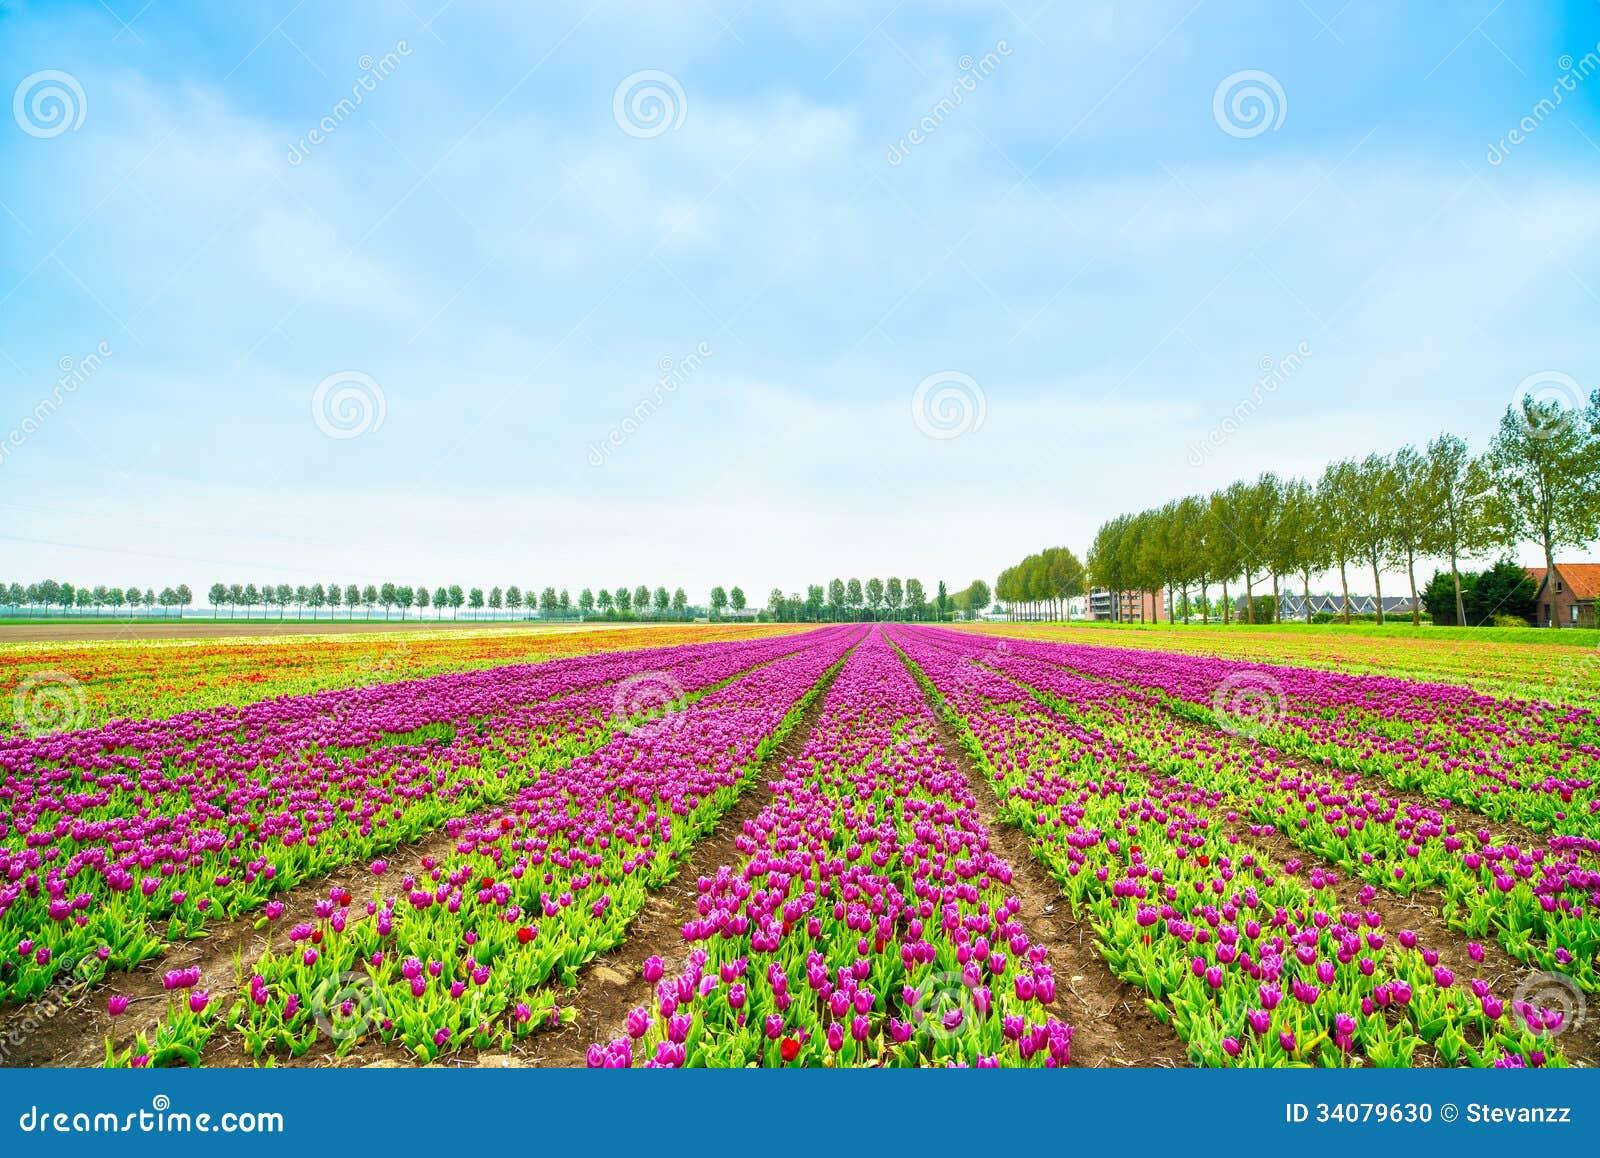 de cultuurgebied van tulpen blosssom bloemen in de lente holland of nederland stock foto. Black Bedroom Furniture Sets. Home Design Ideas